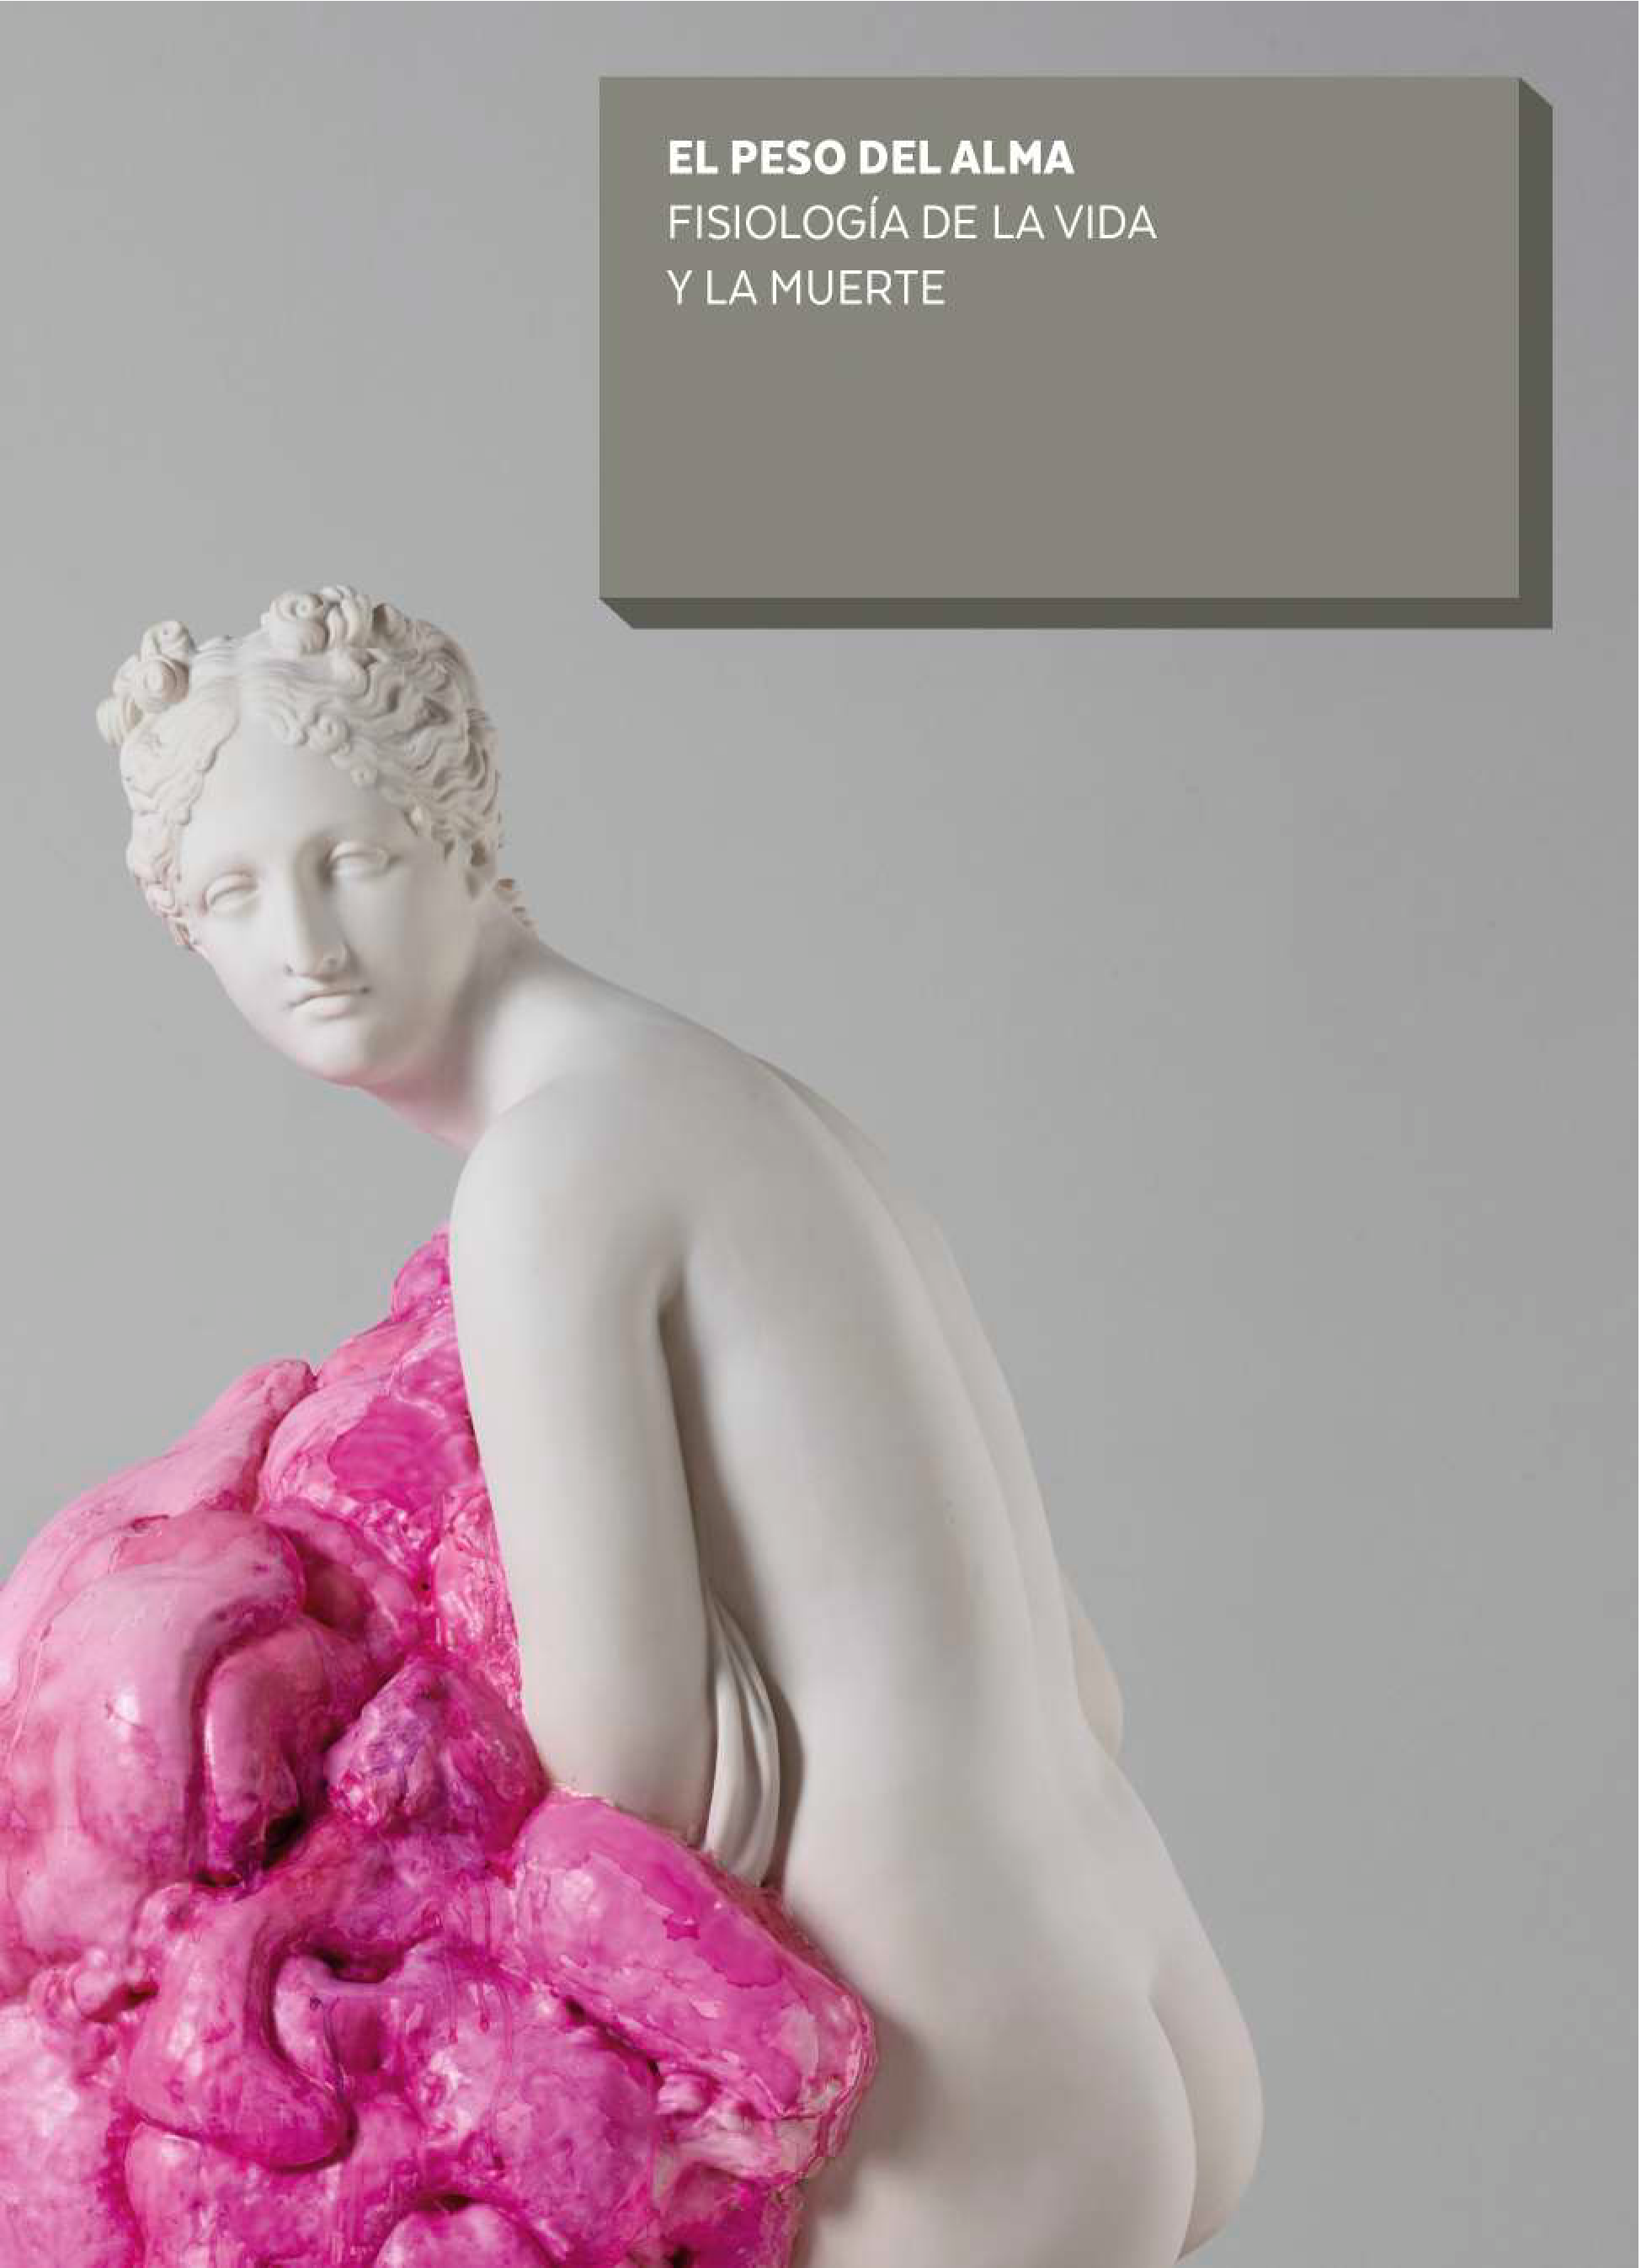 Imagen de portada de El peso del alma. Fisiología de la vida y la muerte